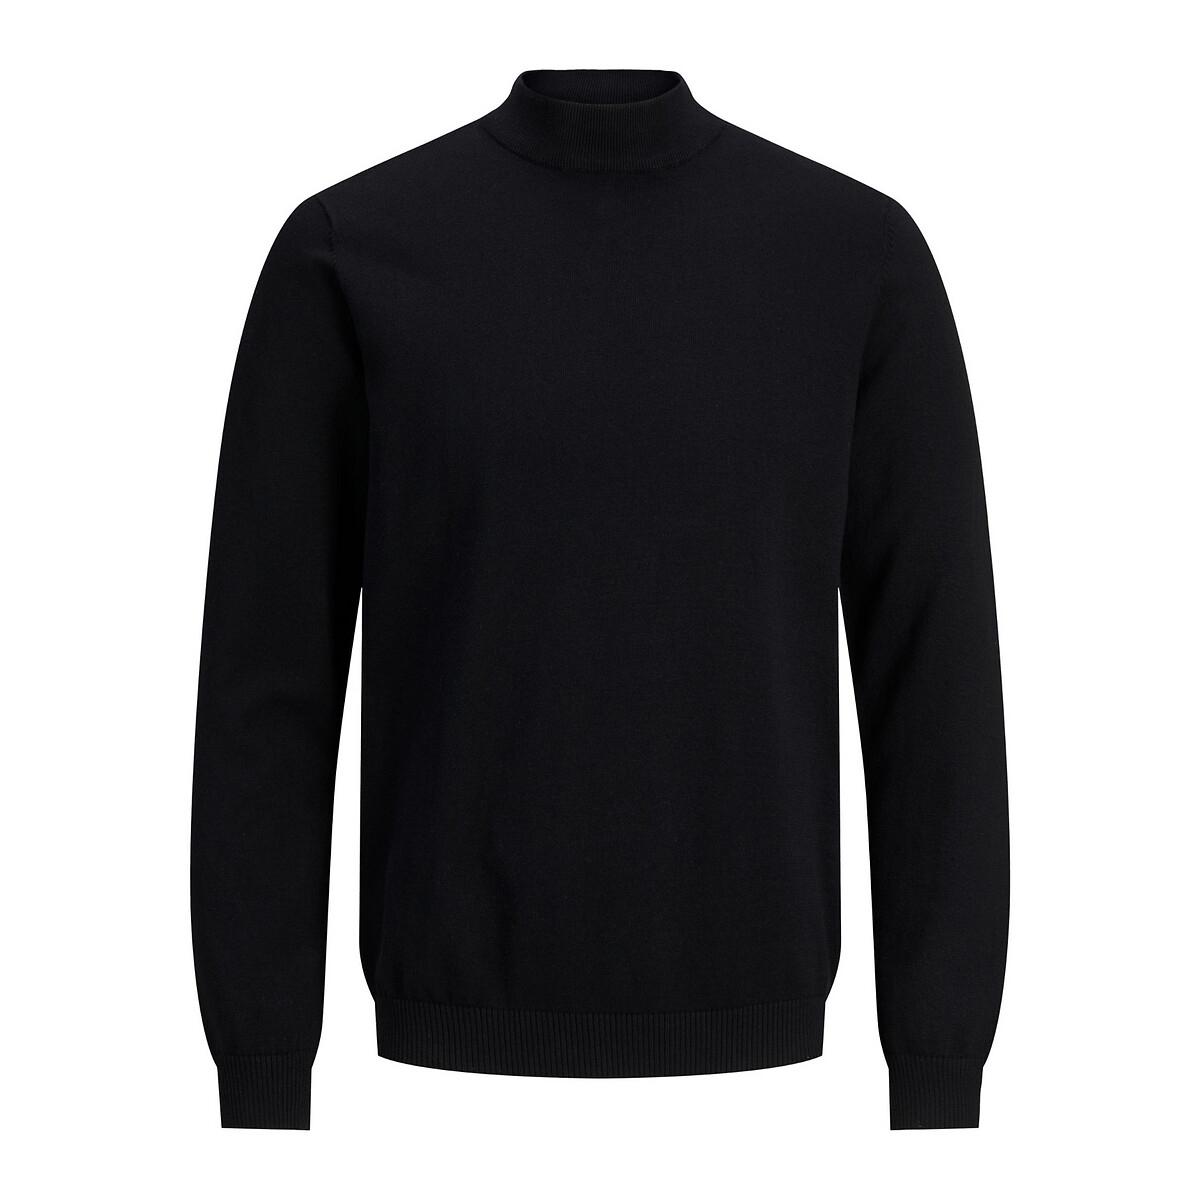 Фото - Пуловер LaRedoute С воротником-стойкой XL черный пуловер laredoute с воротником стойкой из ажурного трикотажа пуантель m каштановый